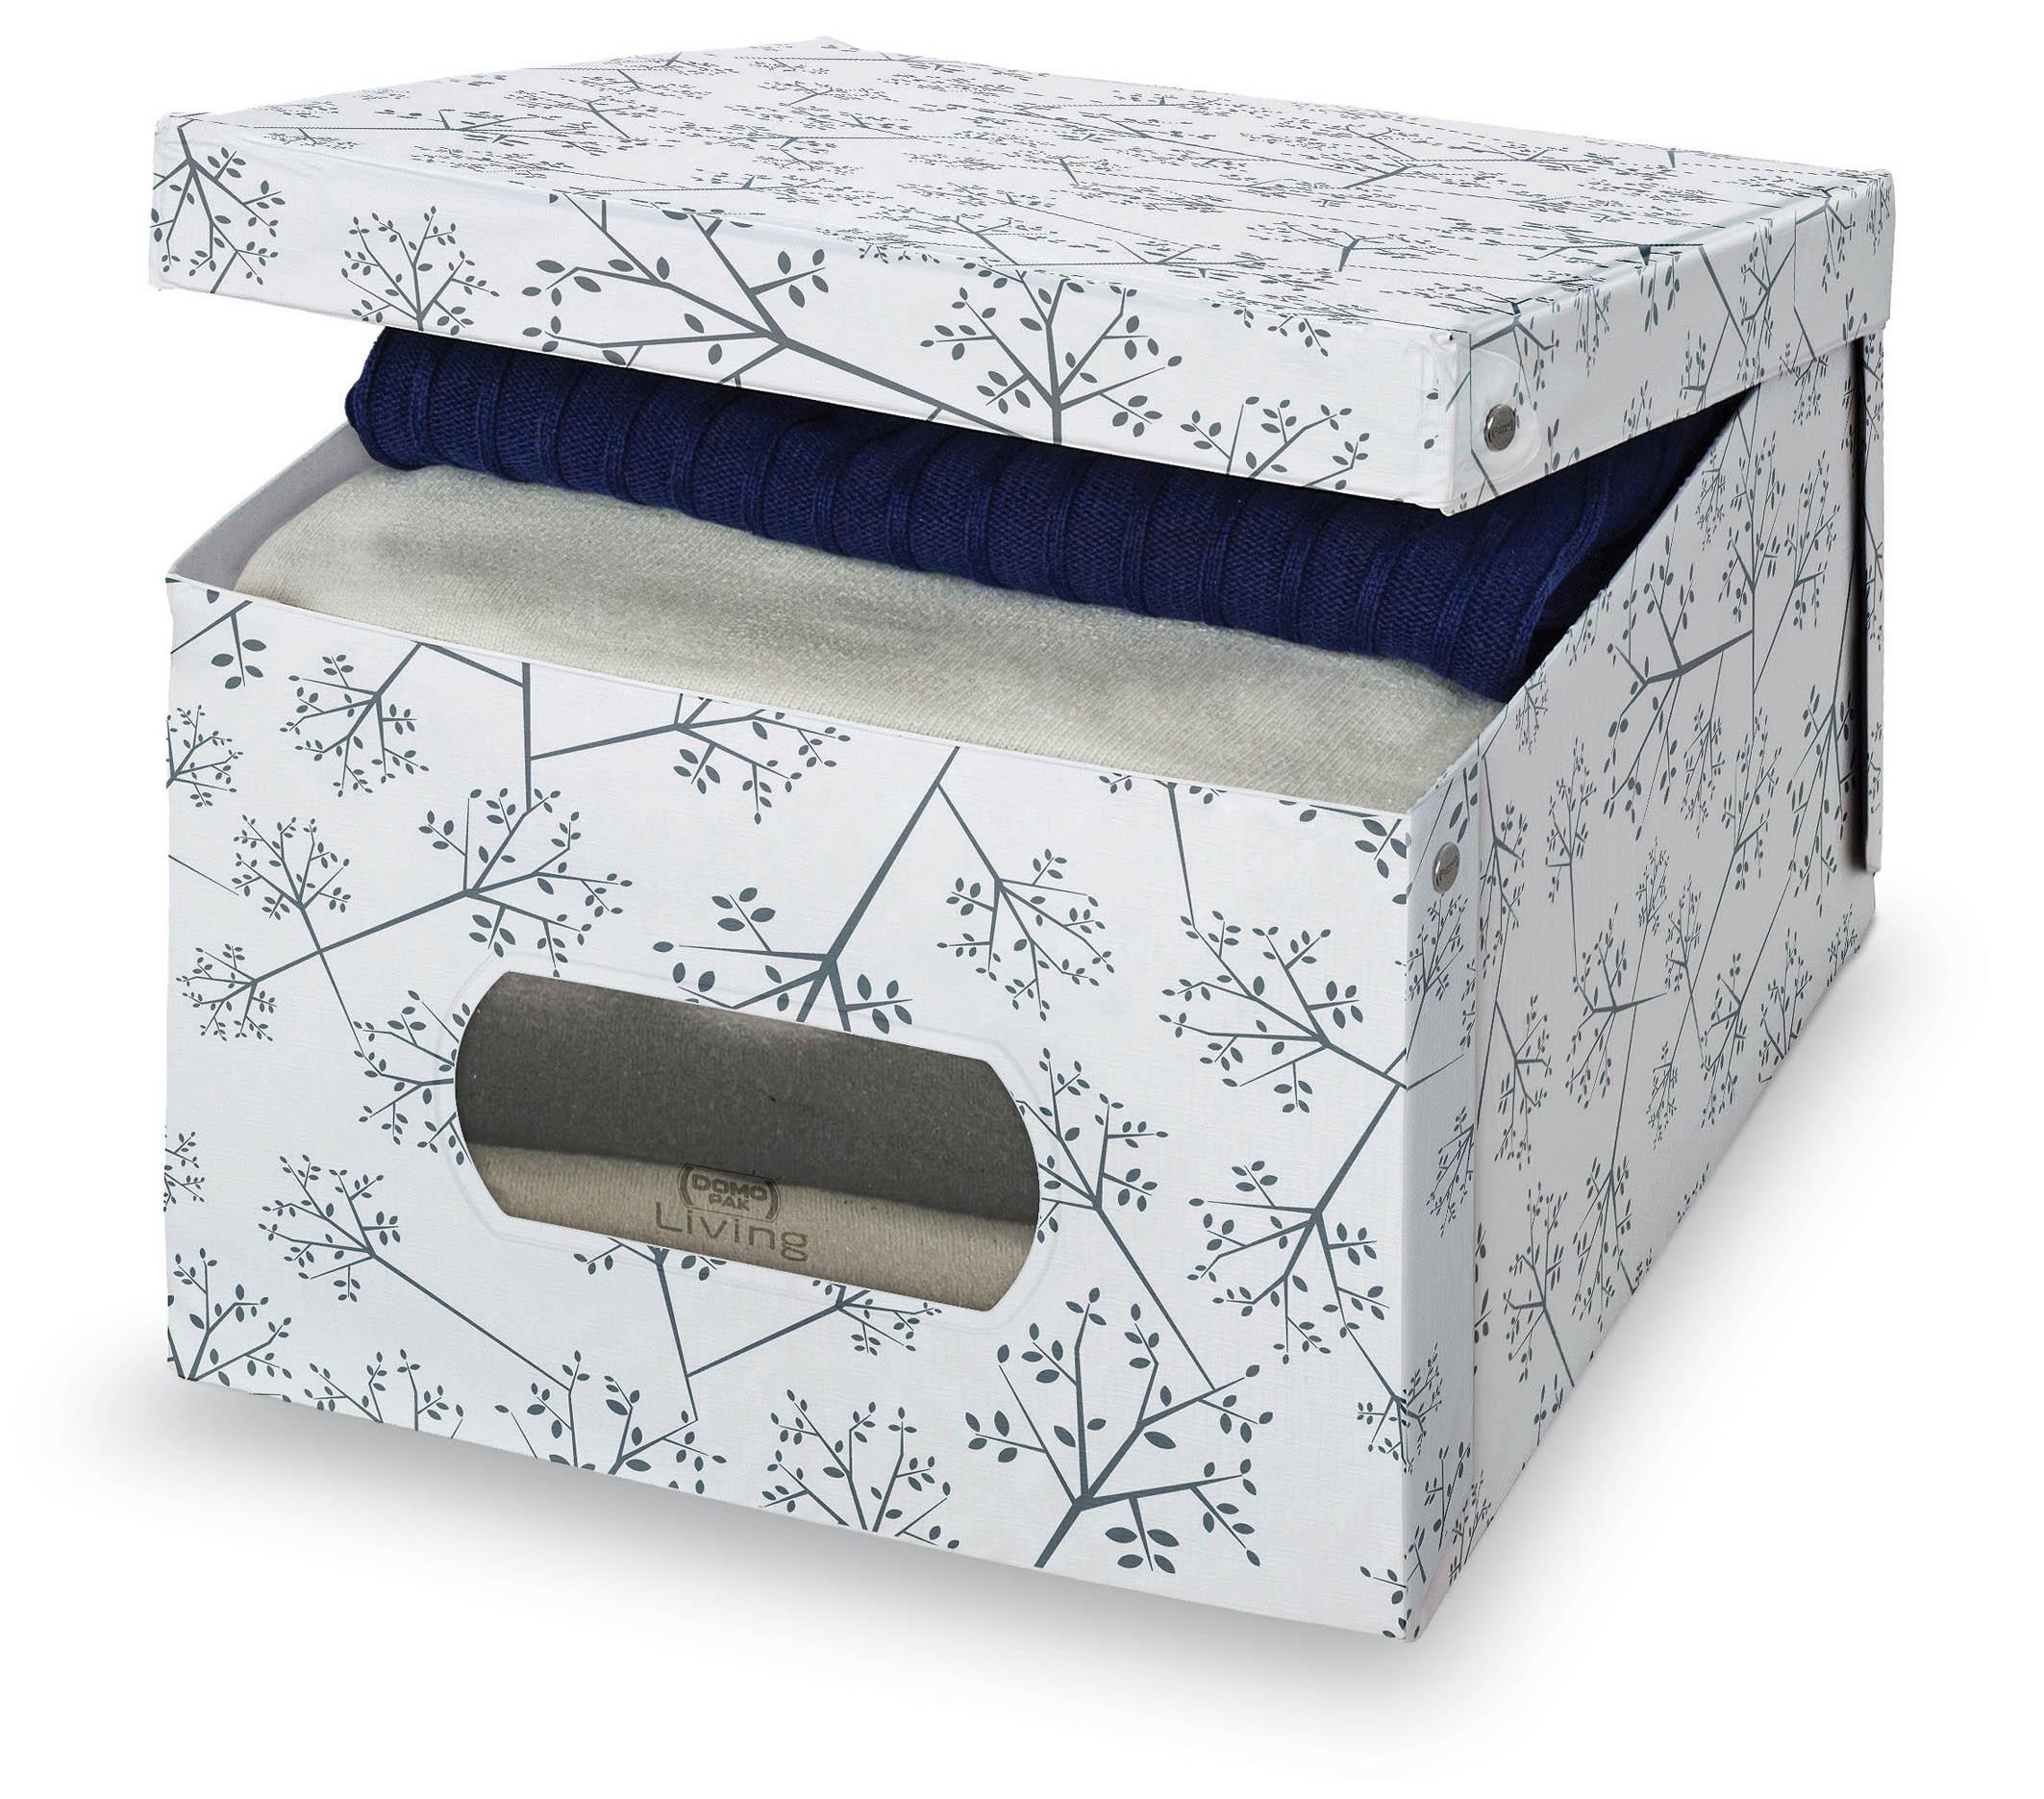 DOMOPAK Living Úložný box s oknem s květinami Velikost: větší